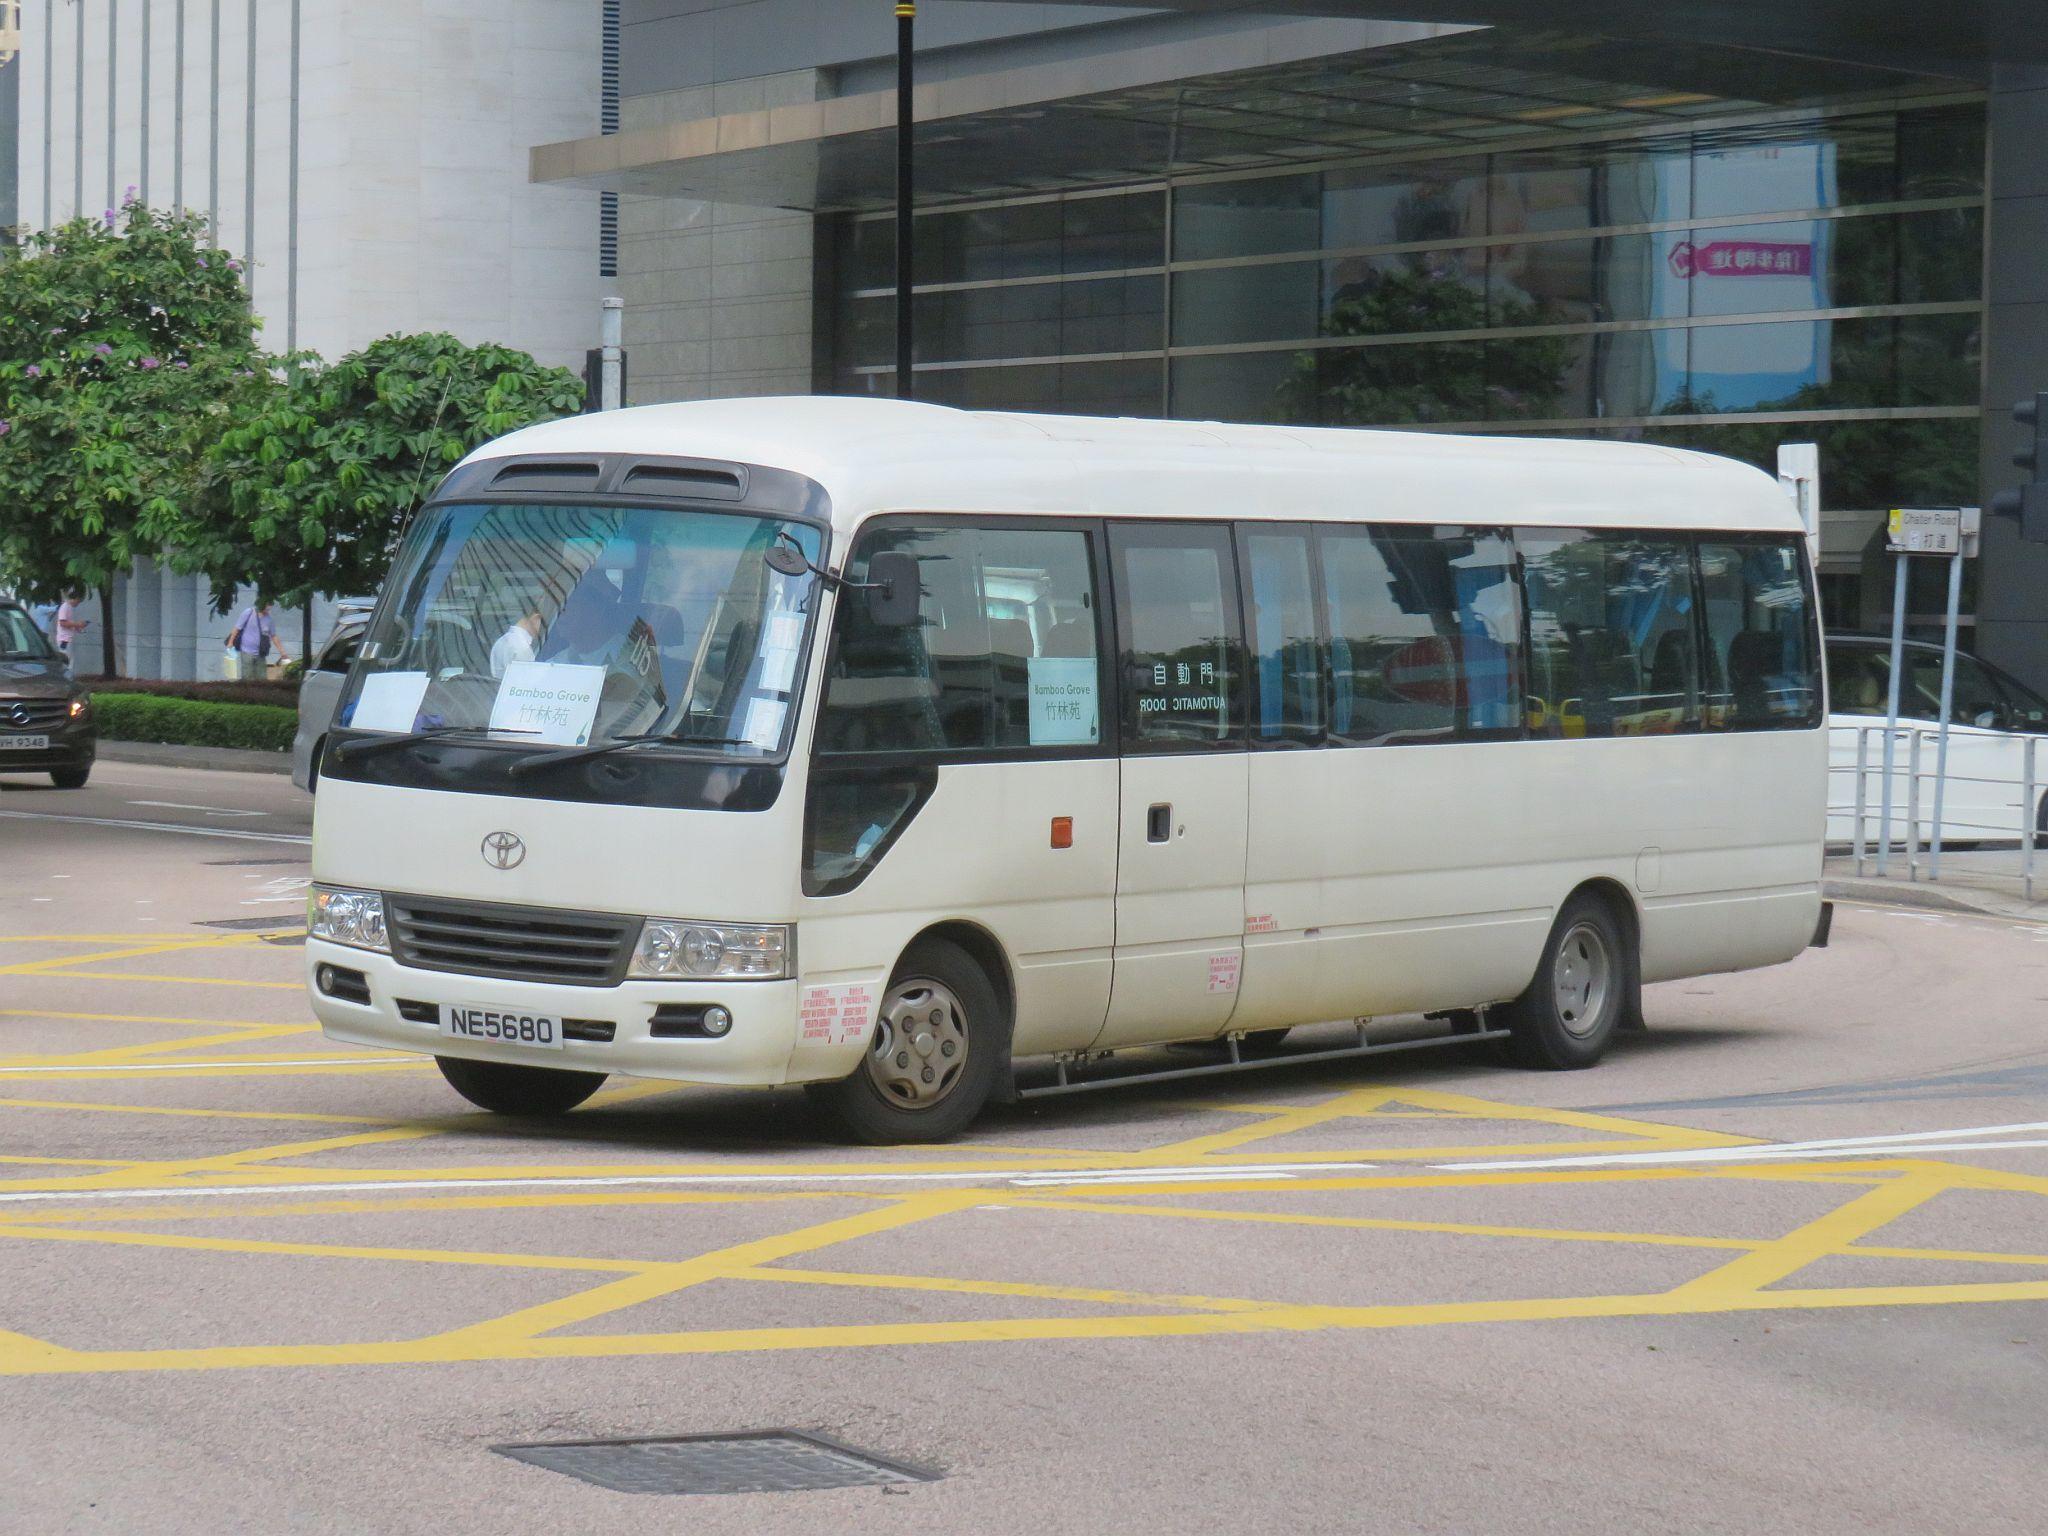 居民巴士HR70線